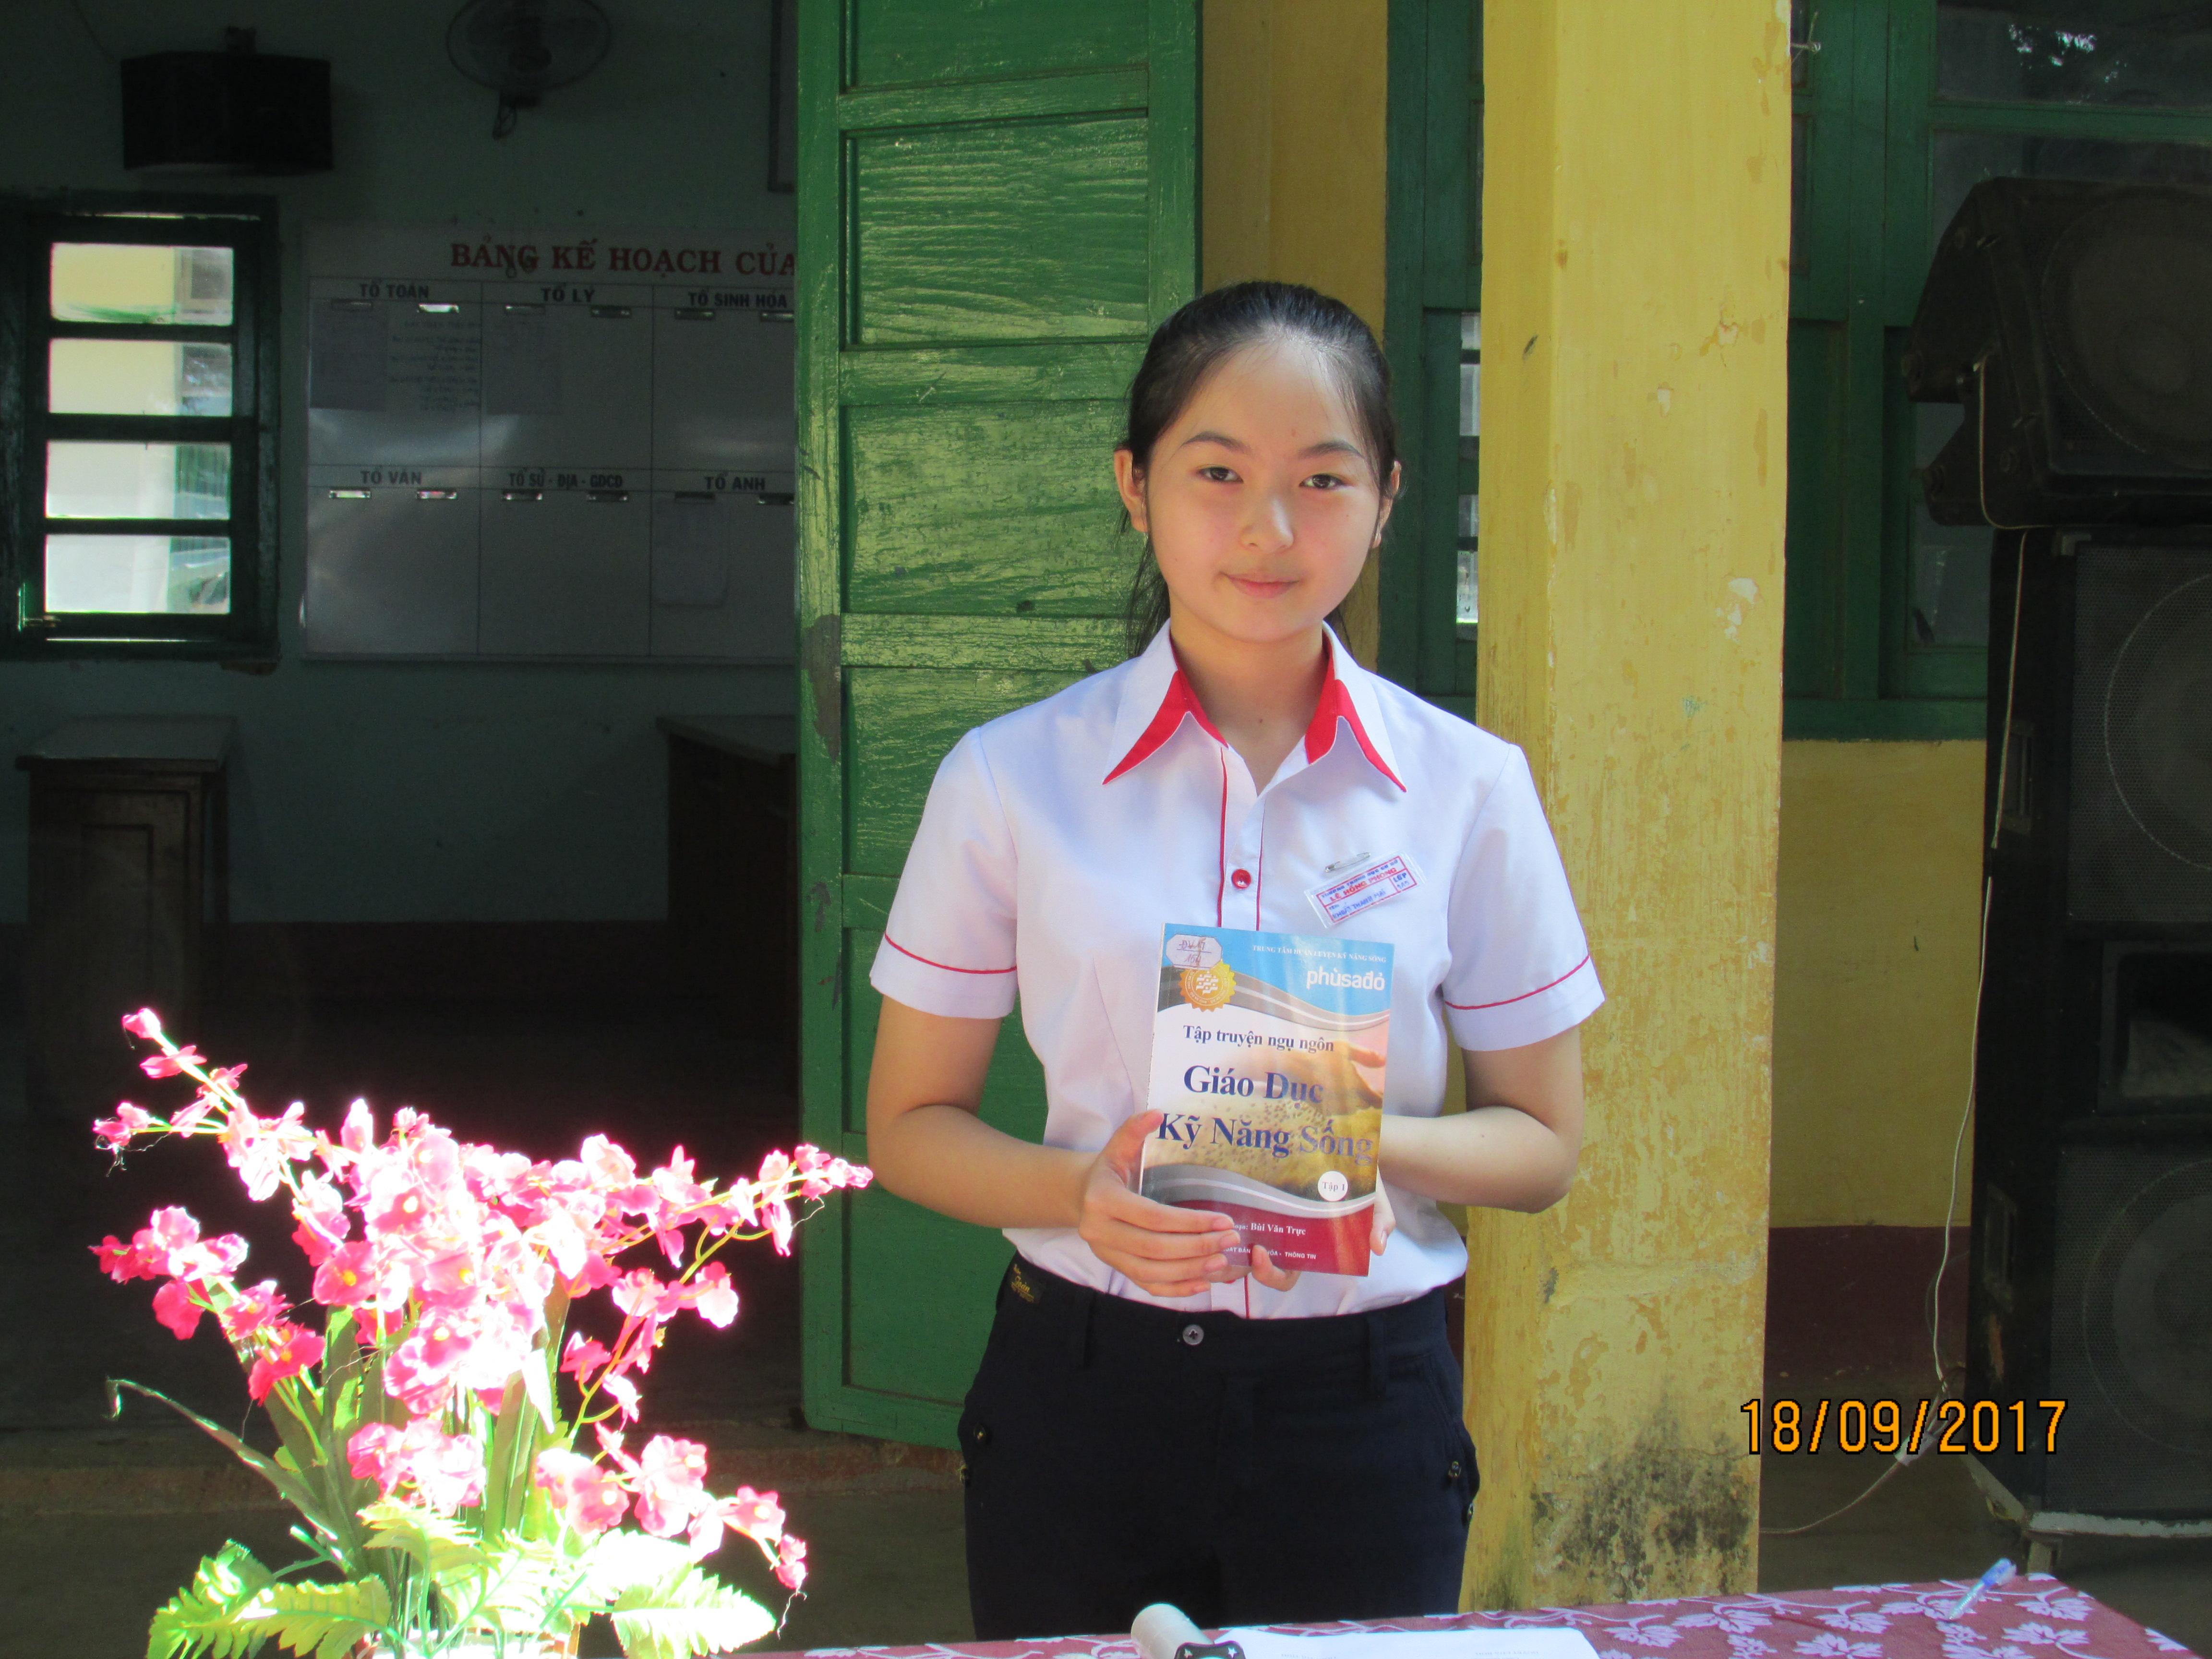 Giới thiệu sách: Tập truyện ngụ ngôn: Giáo dục kĩ năng sống